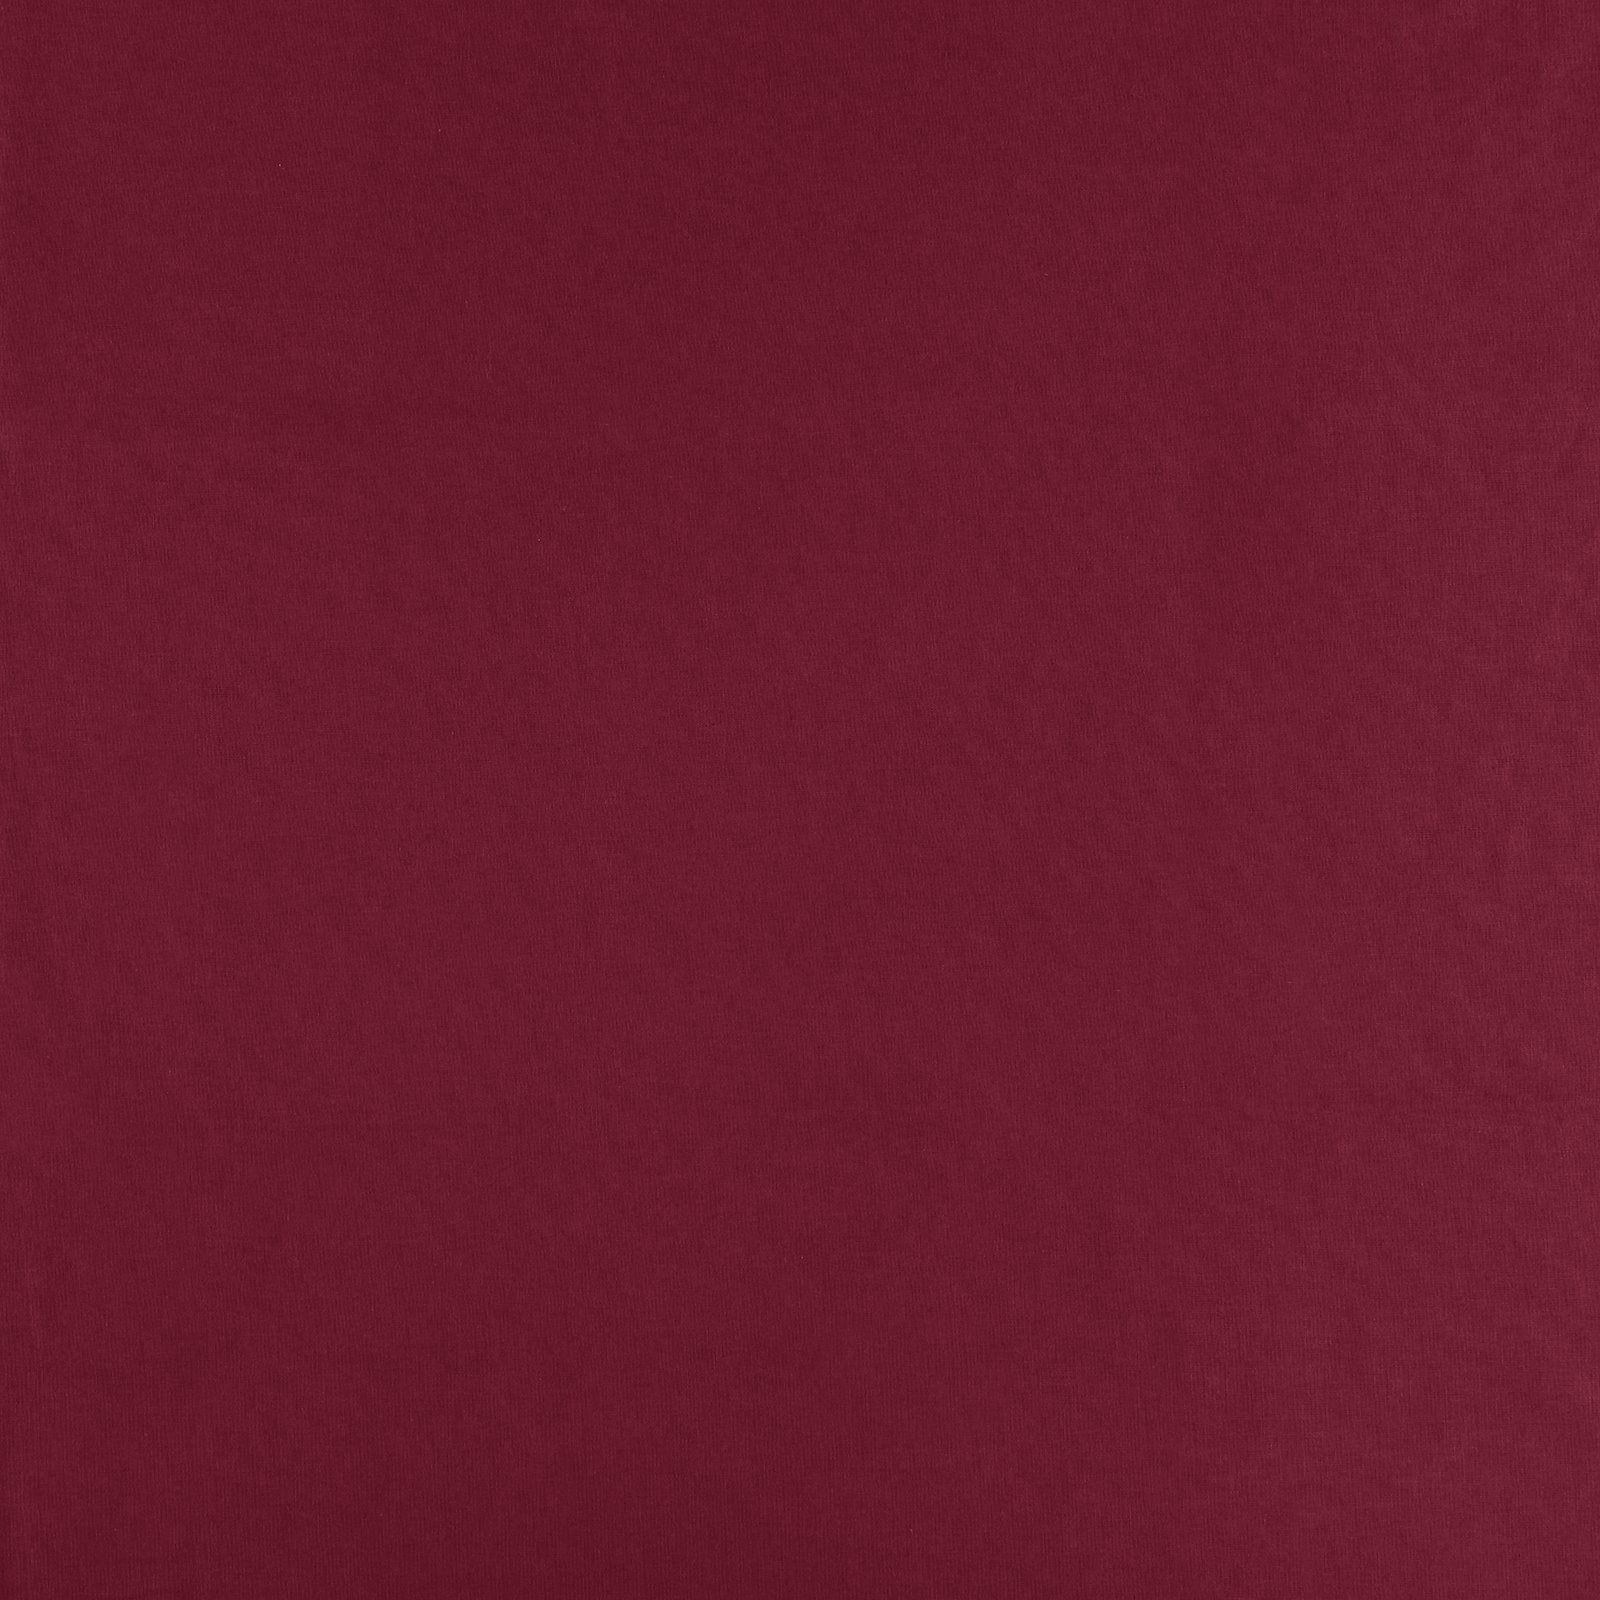 Linen/cotton bordeaux 410130_pack_solid